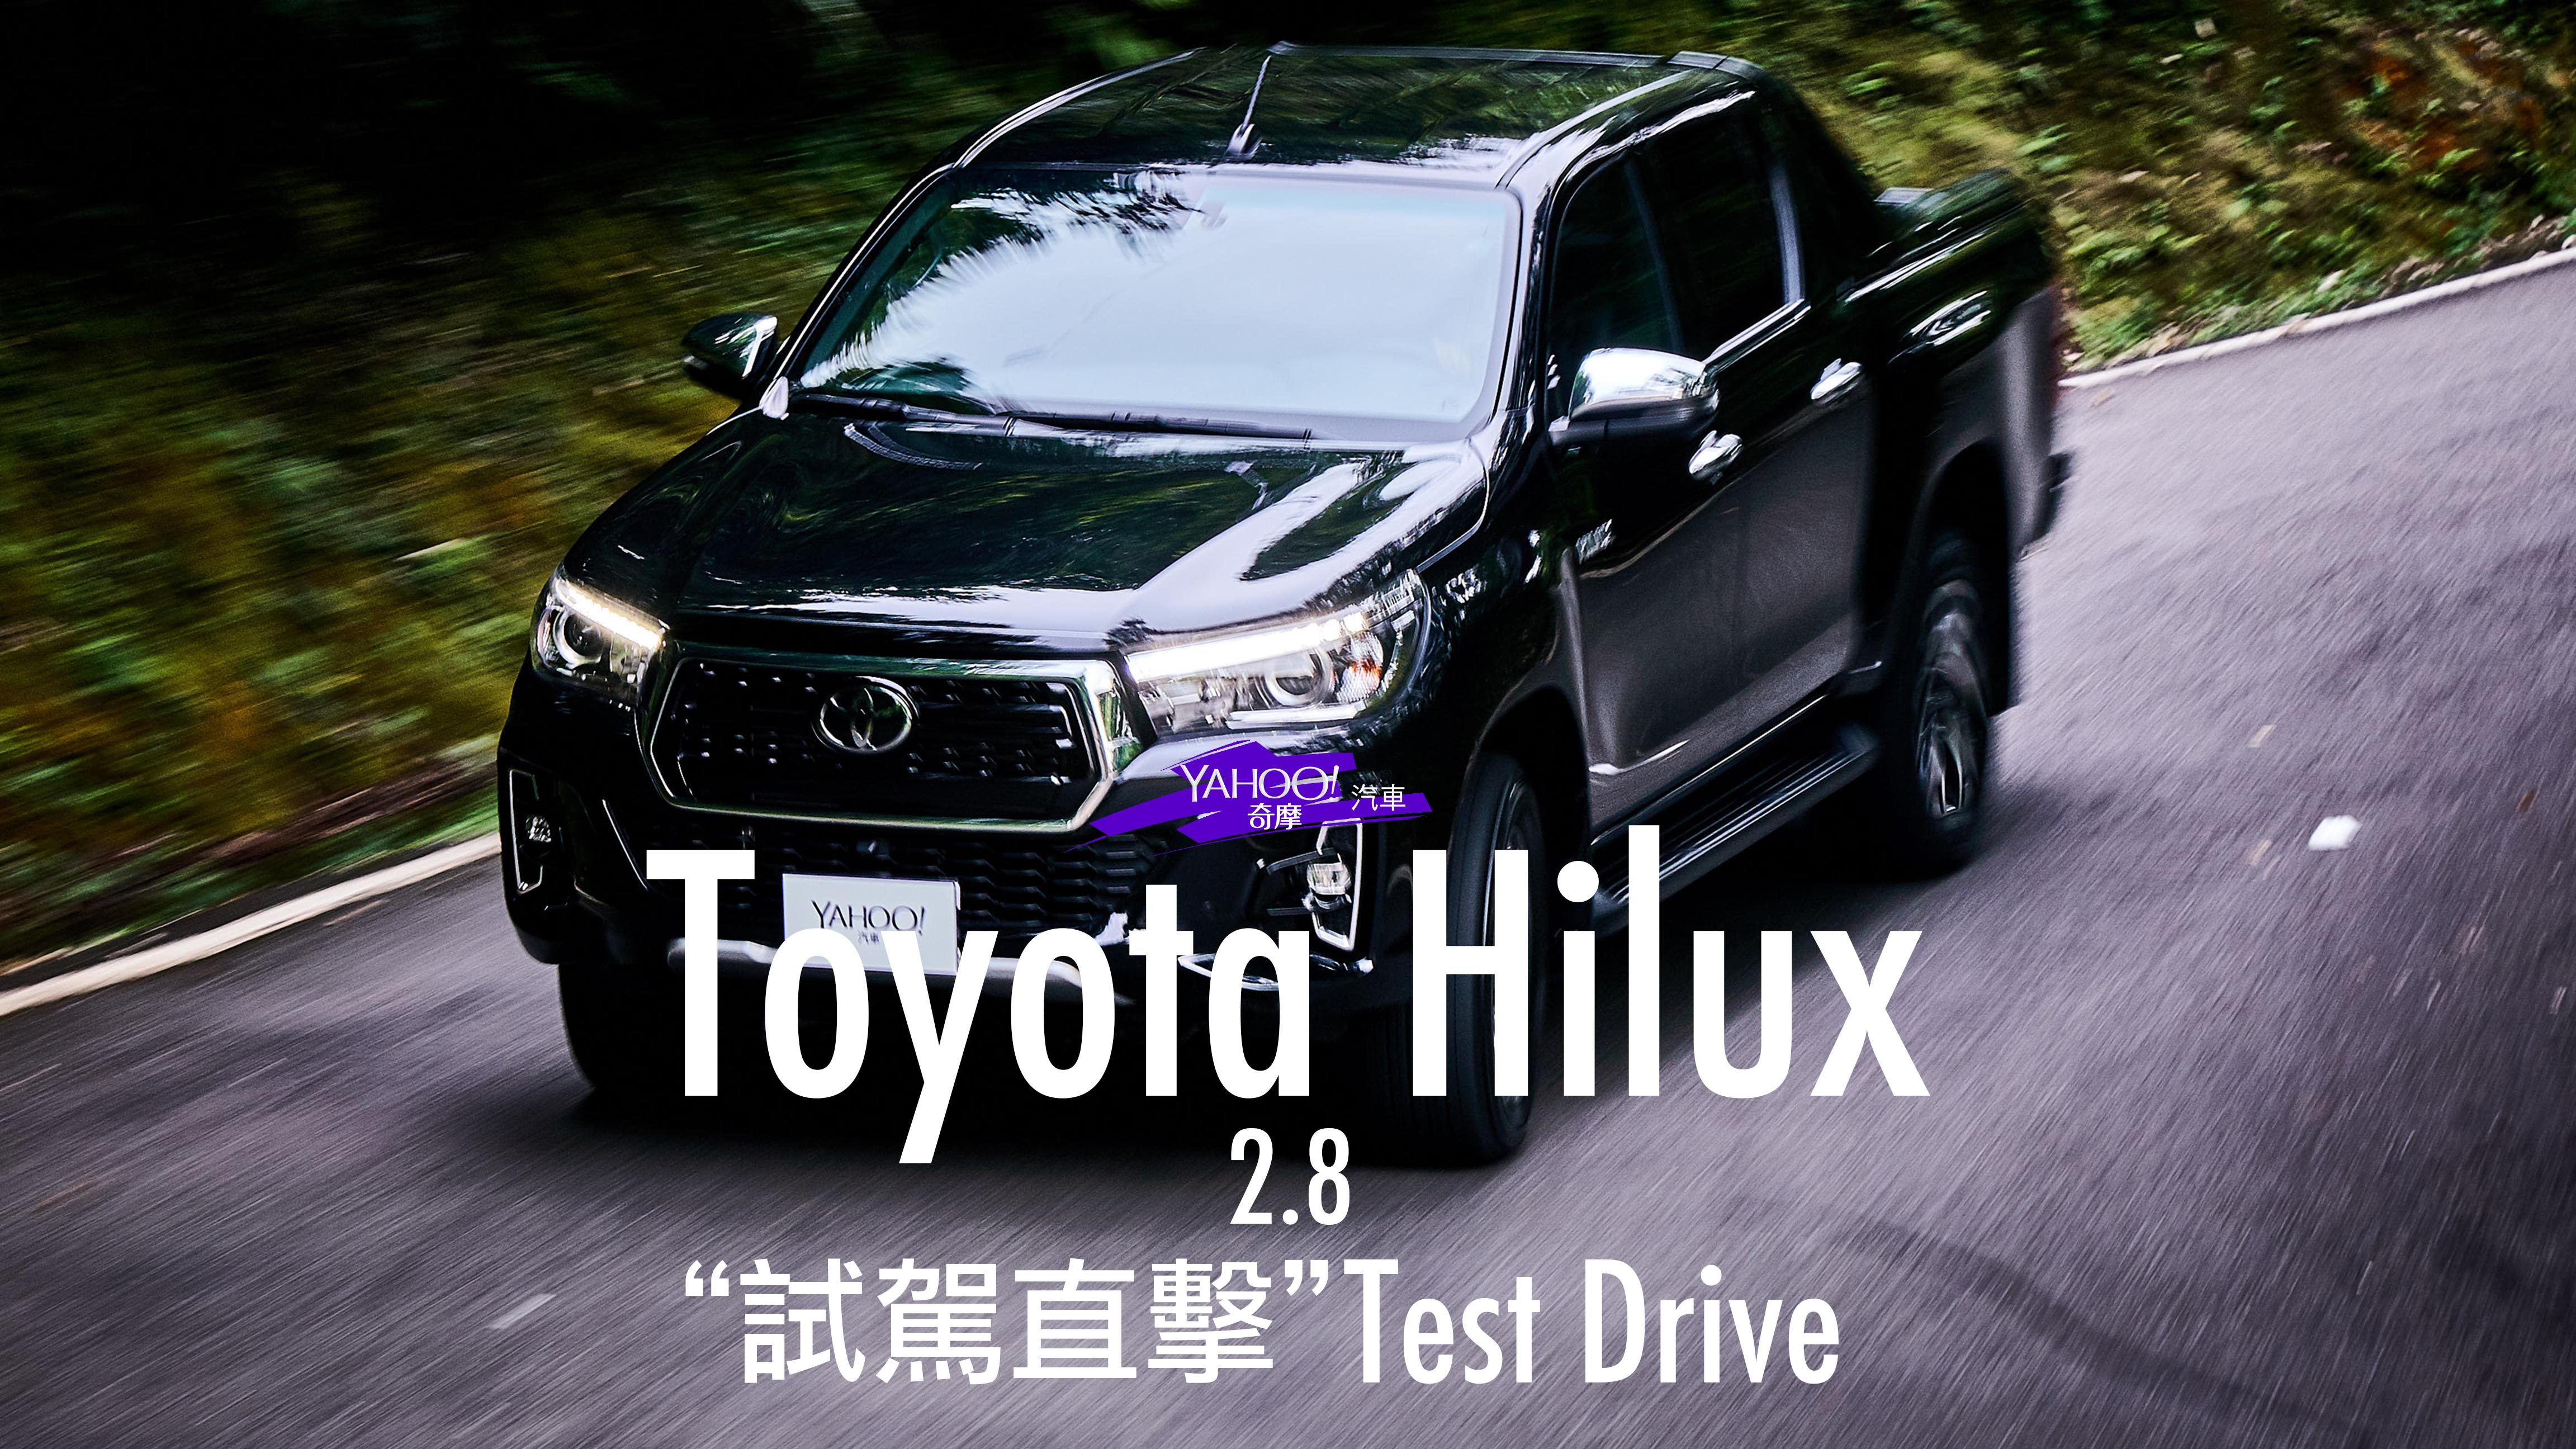 【試駕直擊】雖非最強 卻也高處不勝寒!2019 Toyota Hilux 2.8山林試駕